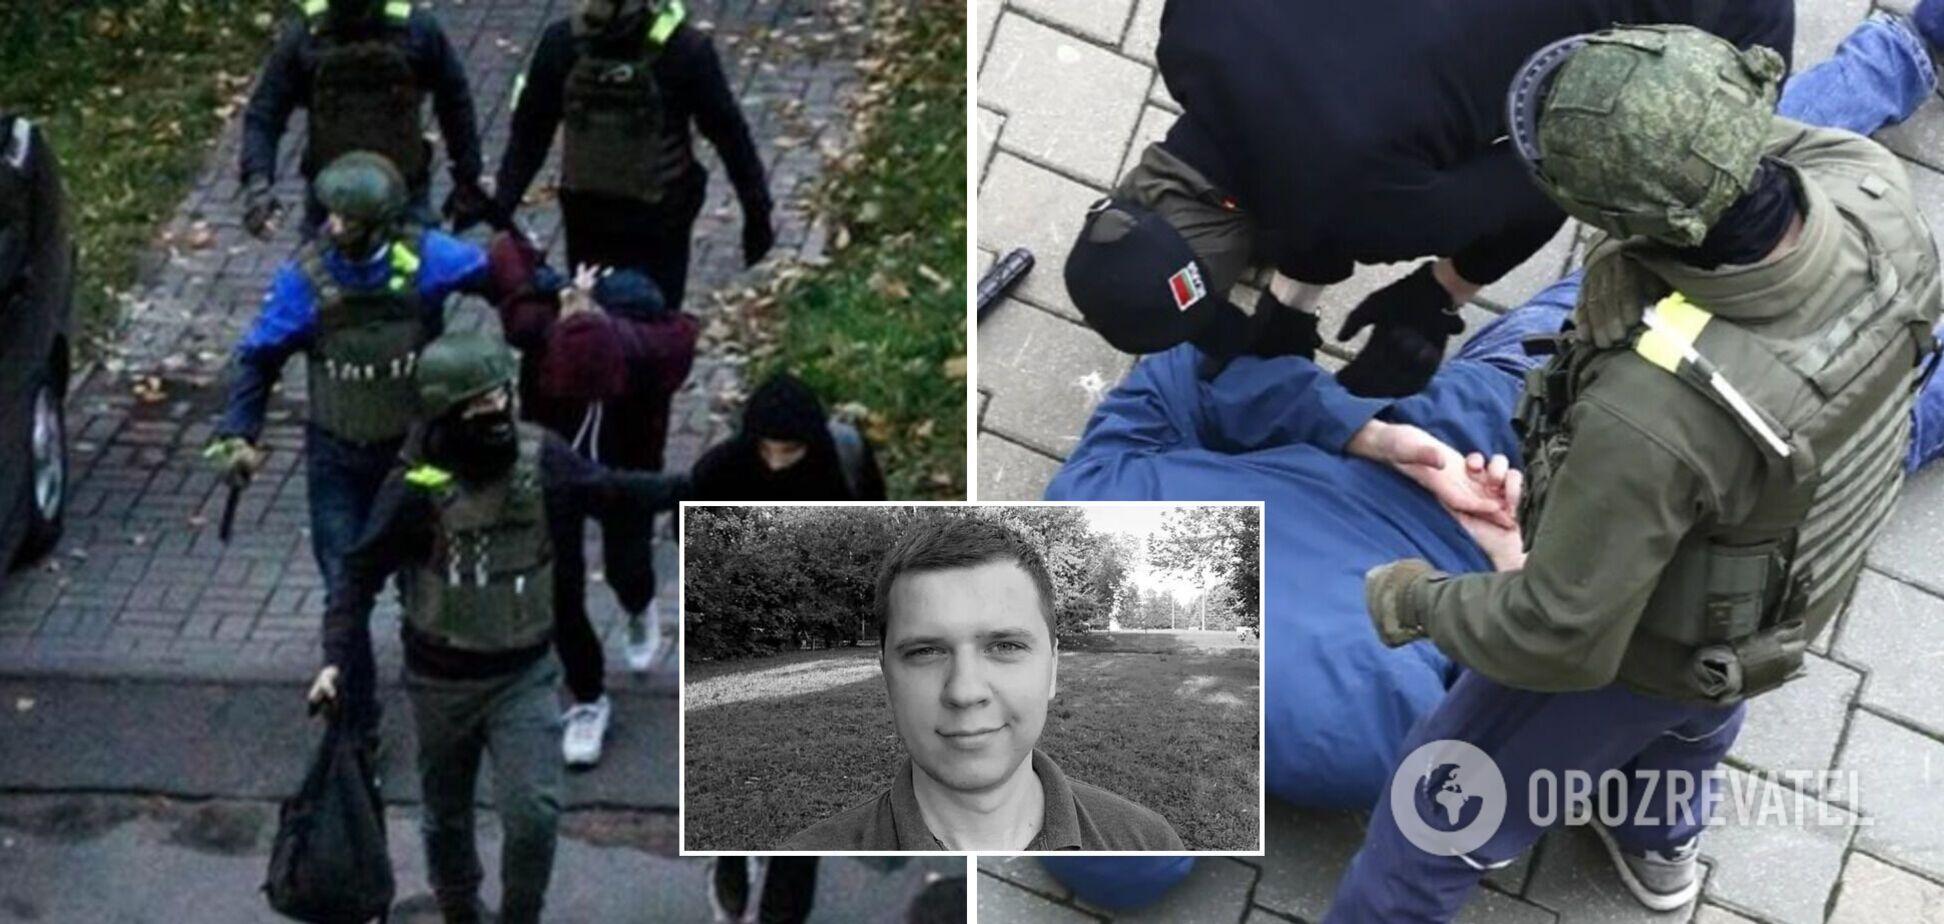 У Білорусі заарештували більше ніж 130 осіб через коментарі про загибель Зельцера та співробітника КДБ